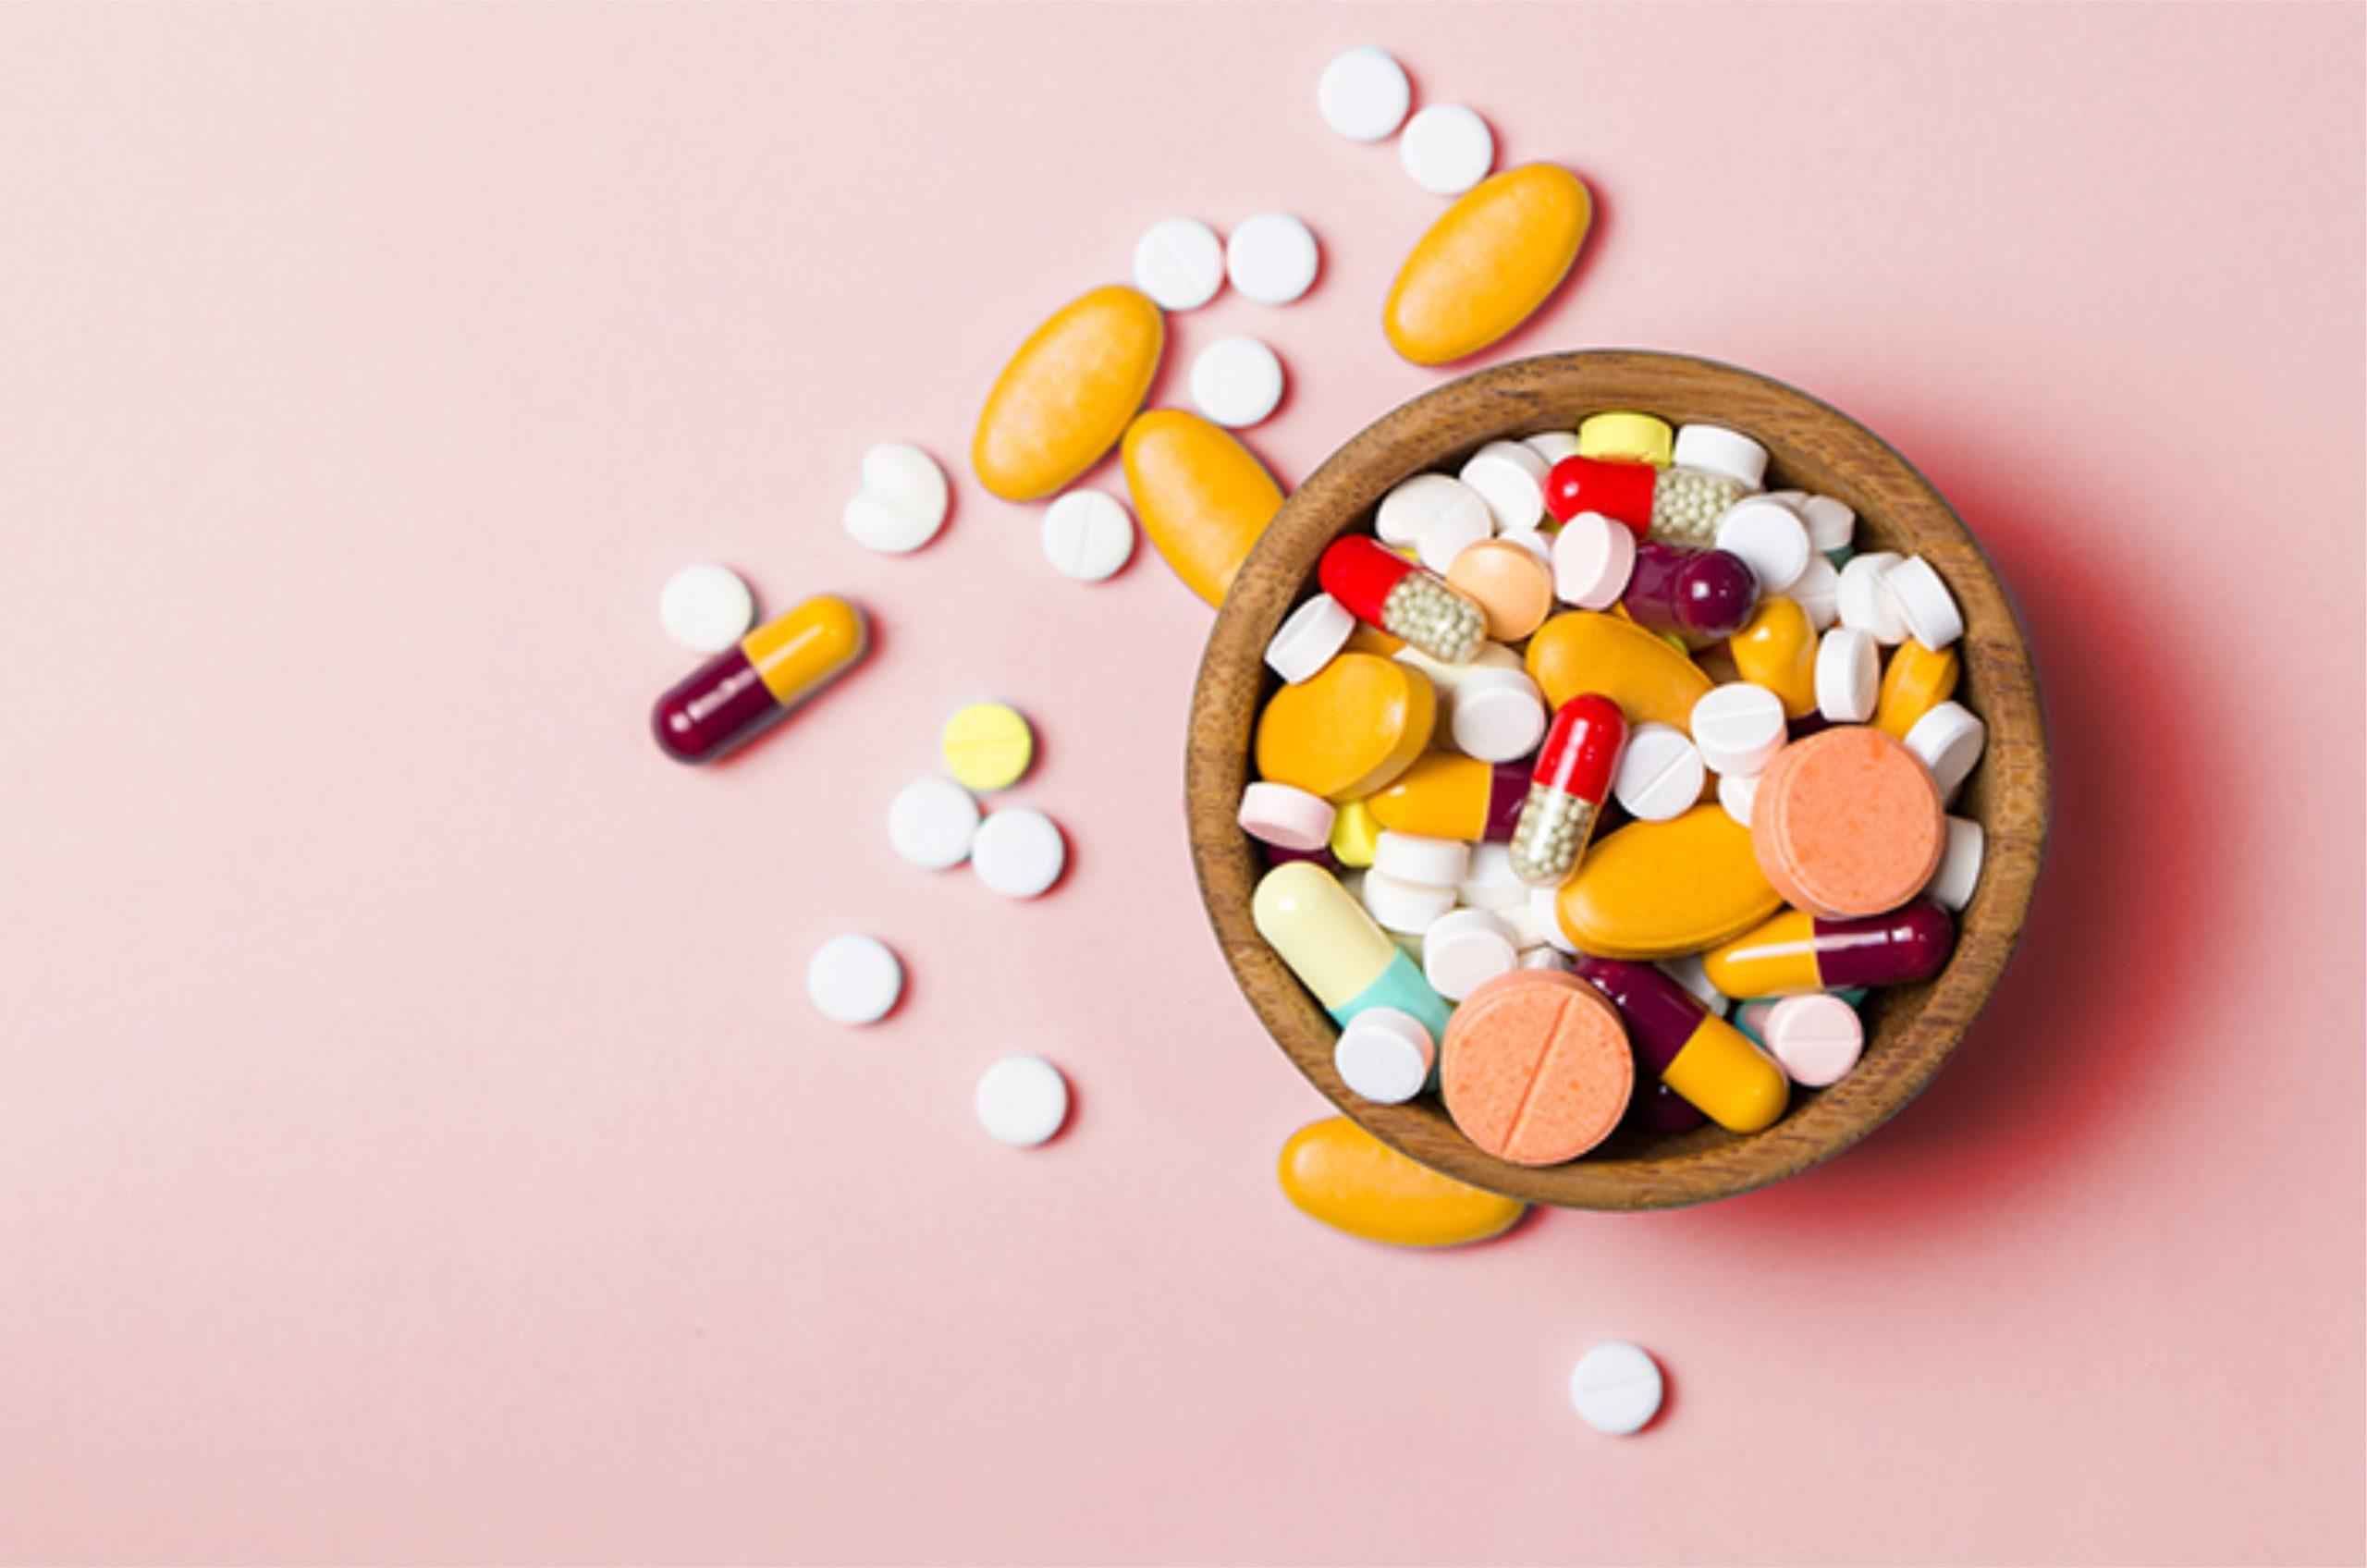 Prinsip Benar Pemberian Obat